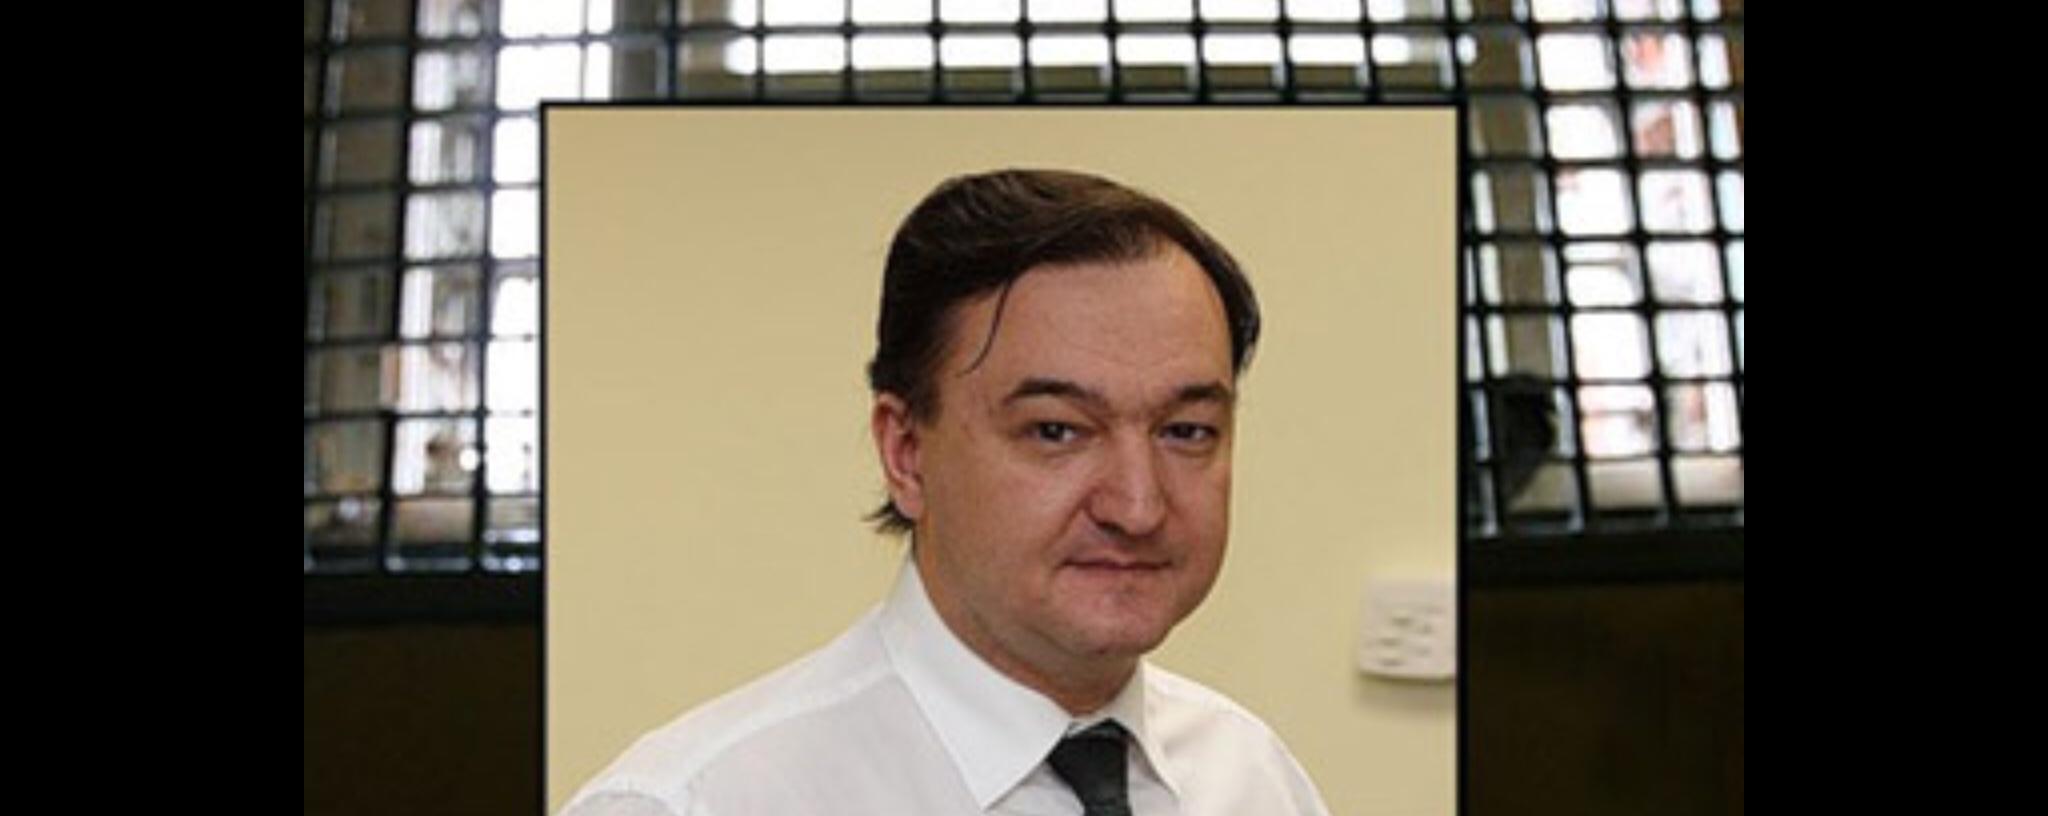 EU prepares Magnitsky Law